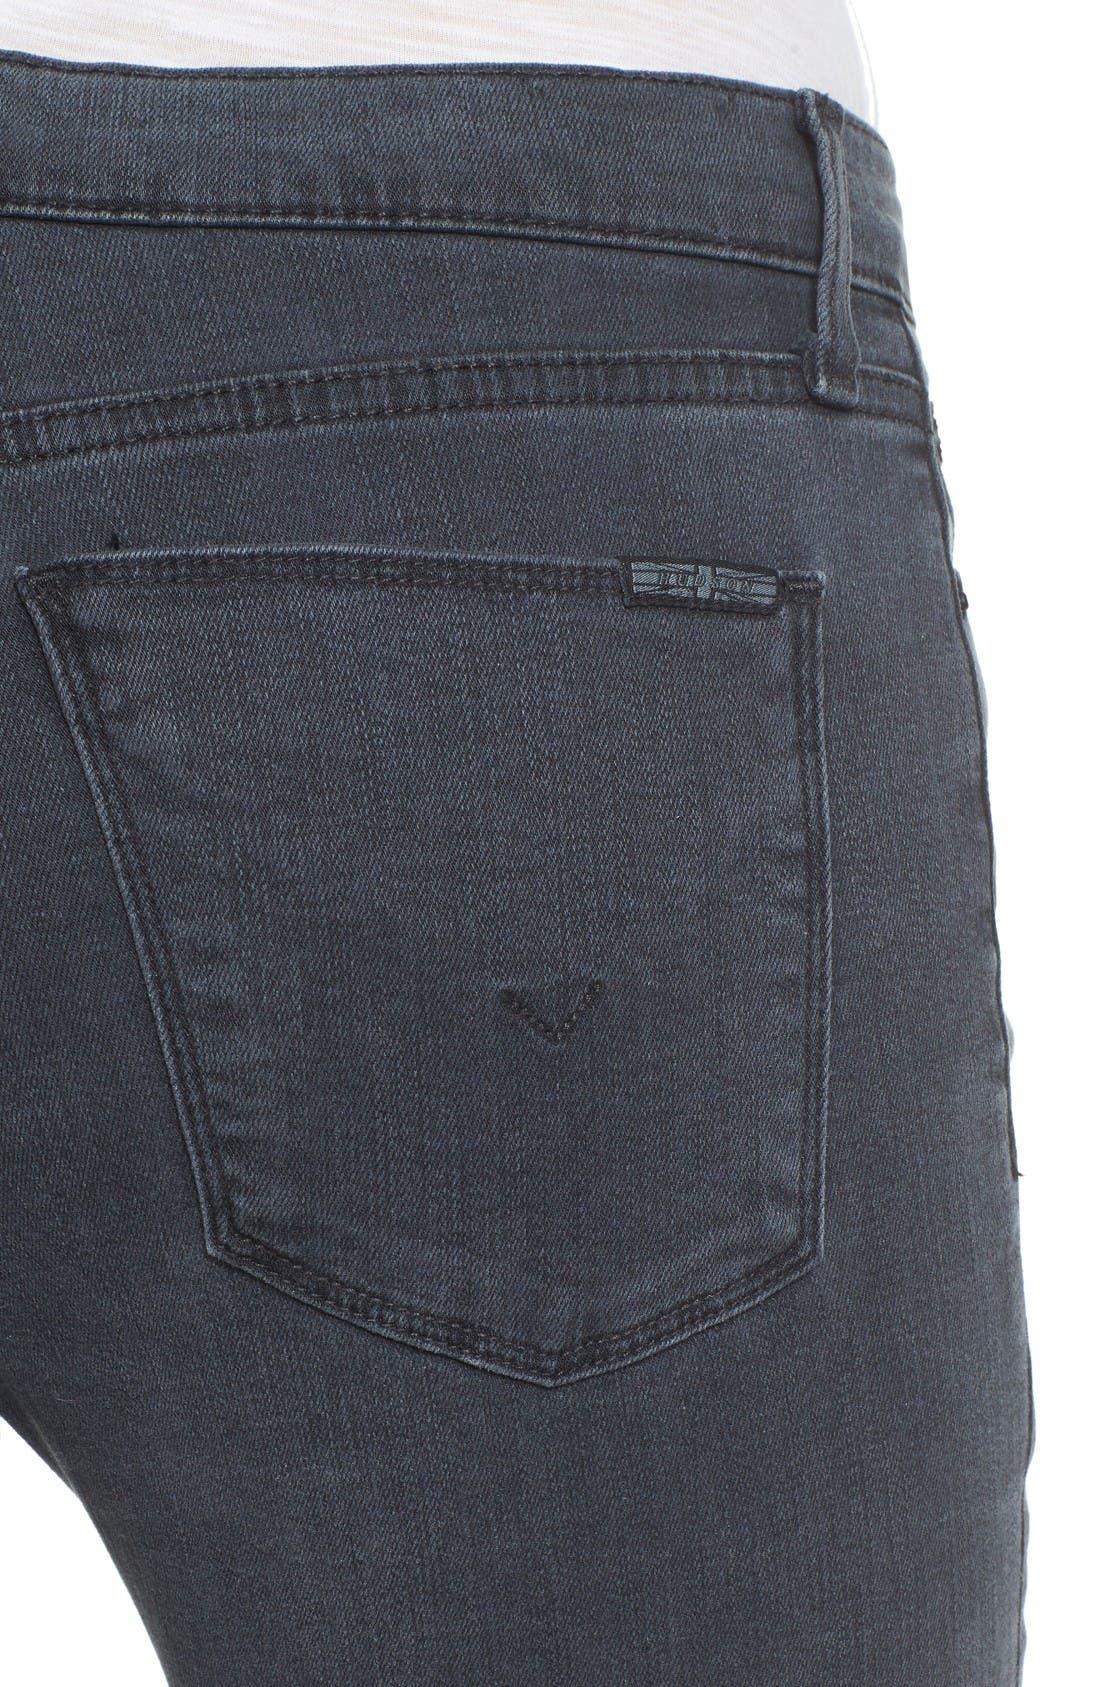 Alternate Image 4  - Hudson Jeans Collette Ankle Skinny Jeans (Penumbra)